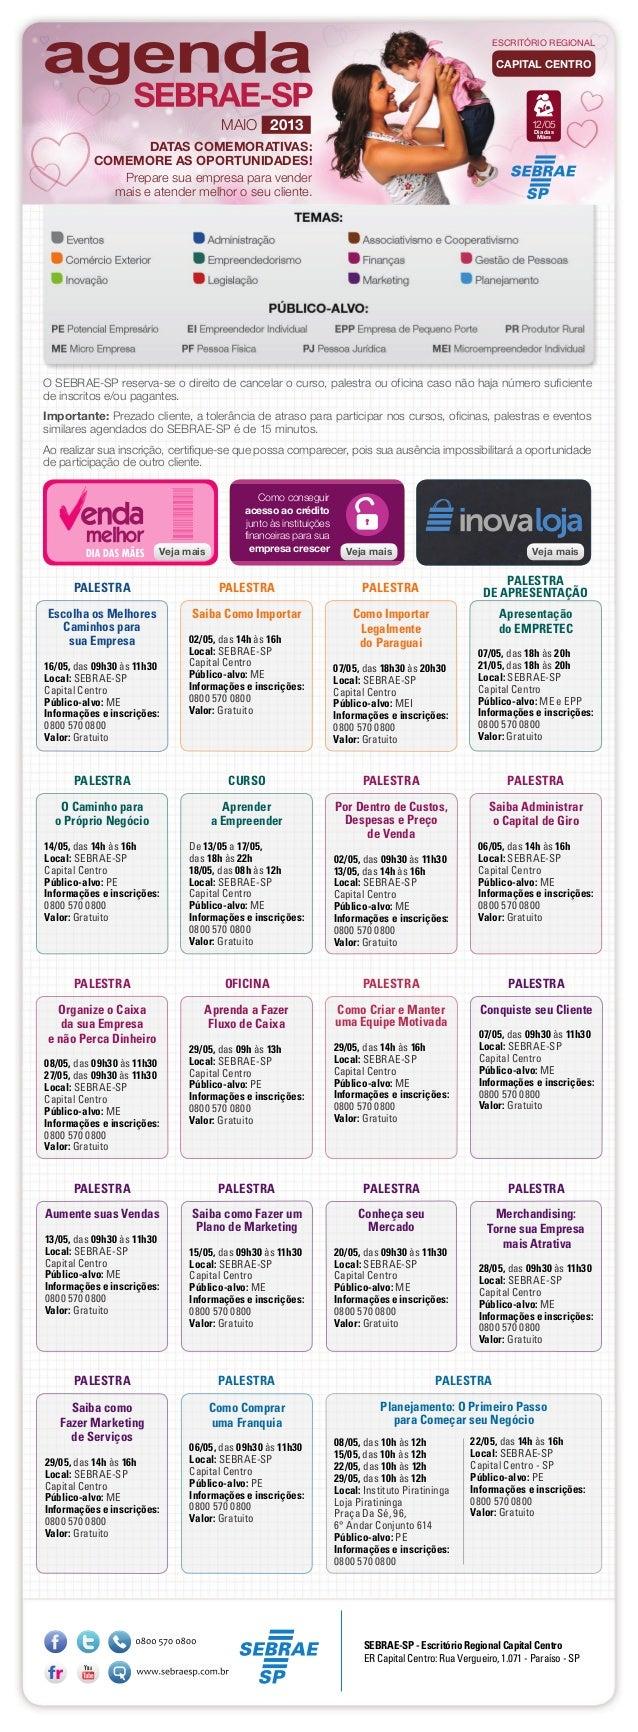 Escolha os MelhoresCaminhos parasua Empresa16/05, das 09h30 às 11h30Local: SEBRAE-SPCapital CentroPúblico-alvo: MEInformaç...